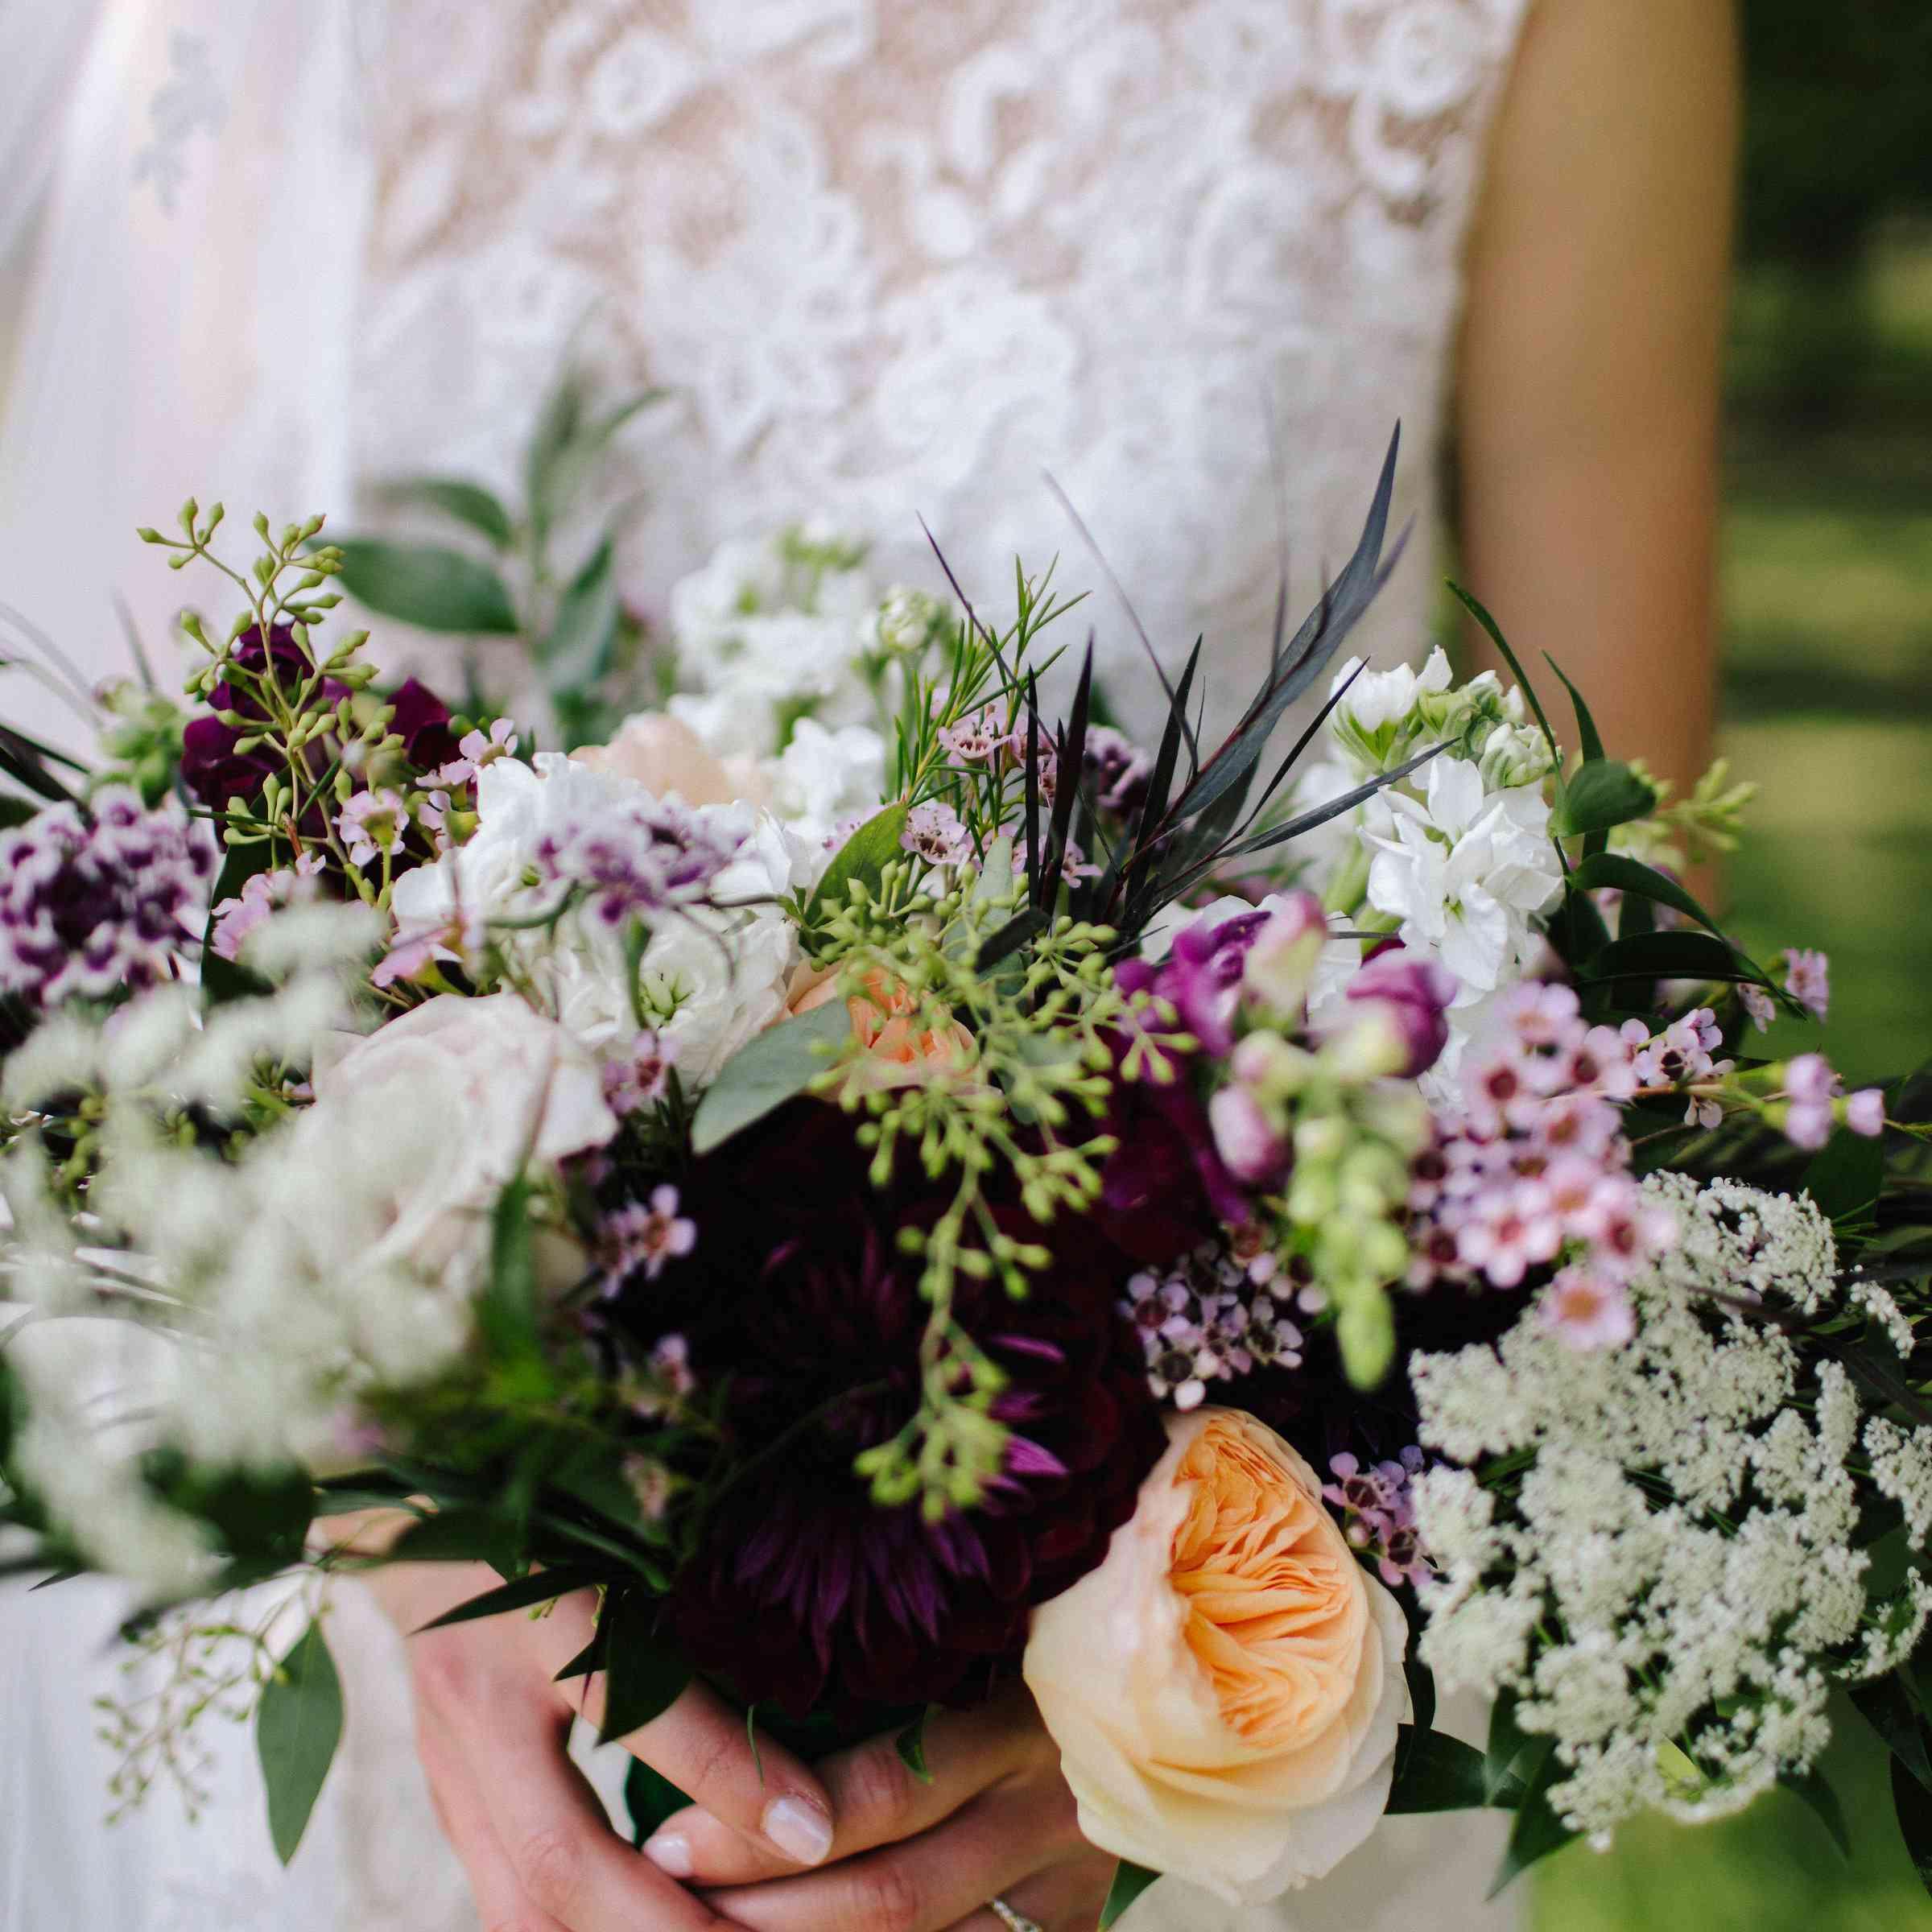 <p>Bride's bouquet close up</p><br><br>